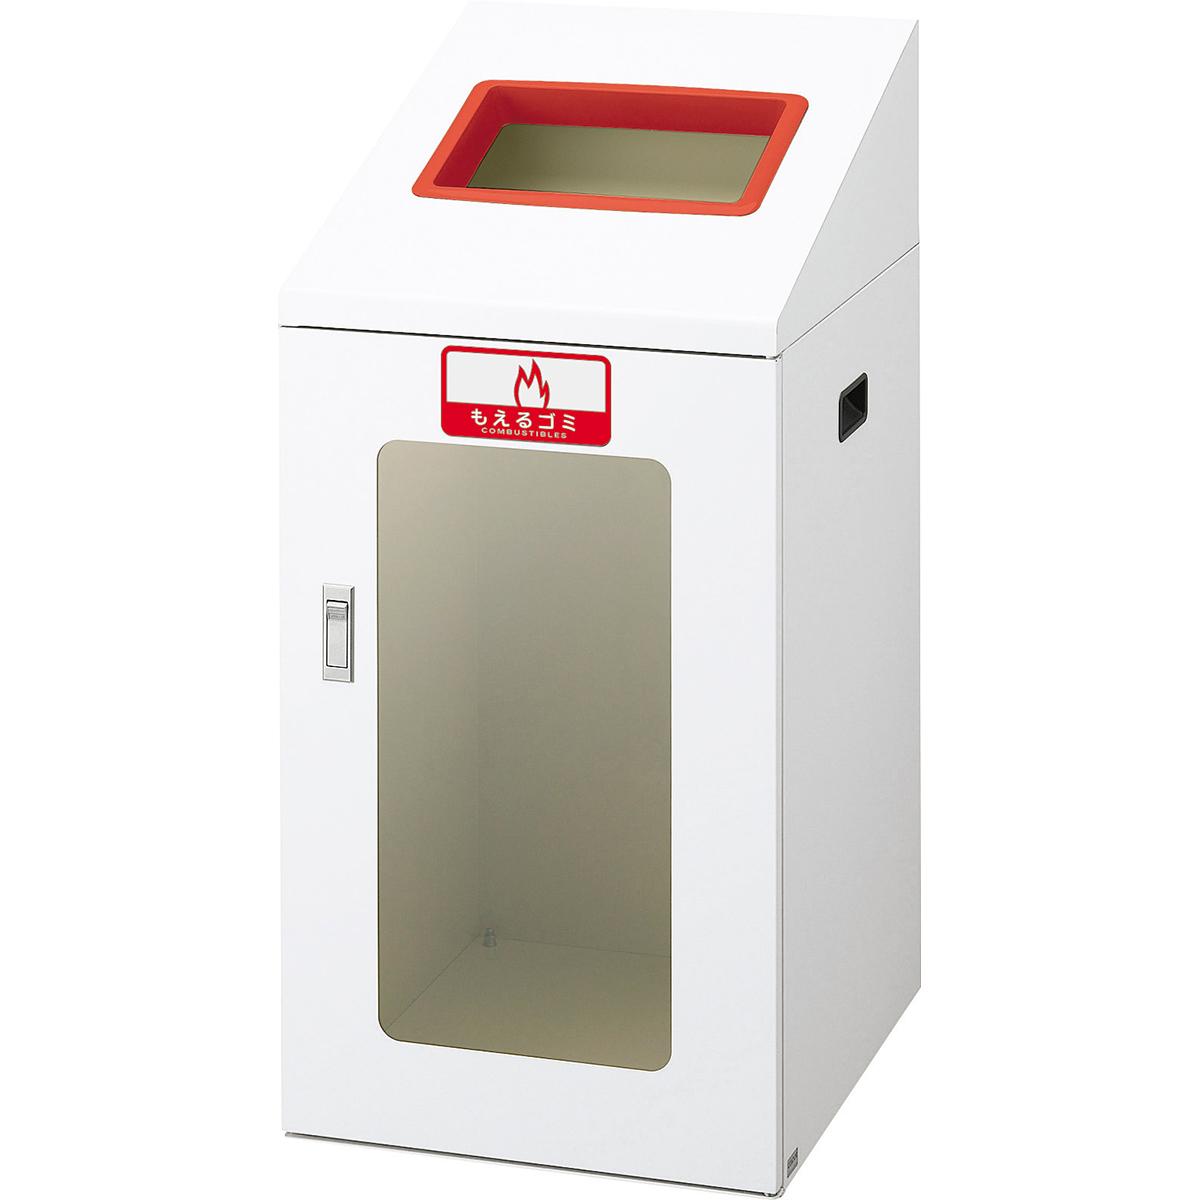 山崎産業 リサイクルボックス TIS-90 120L もえるゴミ/R(赤) (代引不可) YW-363L-ID